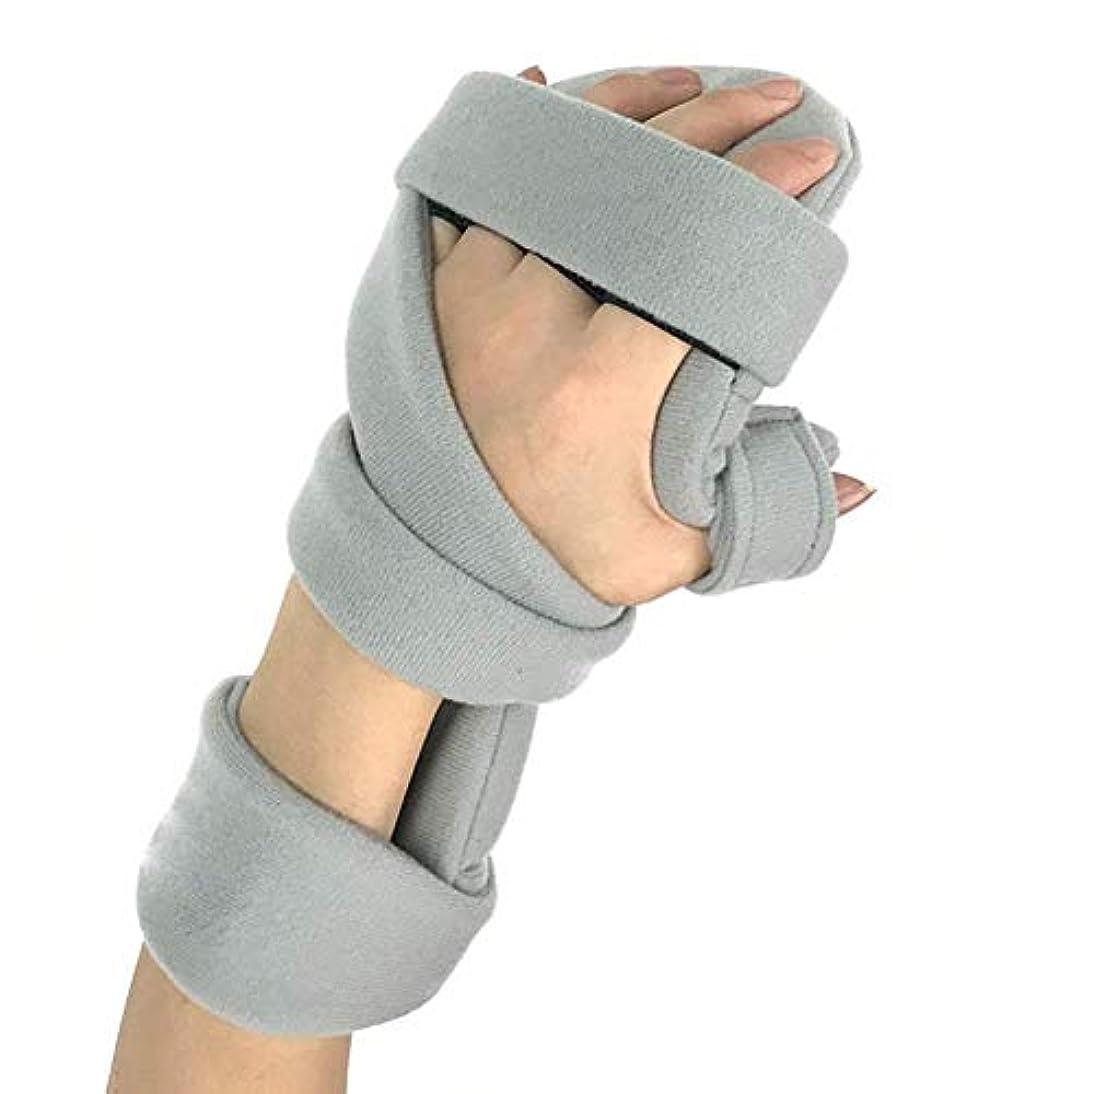 ミル感謝する申し立てる手の添え木、リハビリテーションの指板調節可能な手のサポート手首の手首の骨折の固定保護装置の添え木の整形外科の訂正の支柱 (Color : Right)